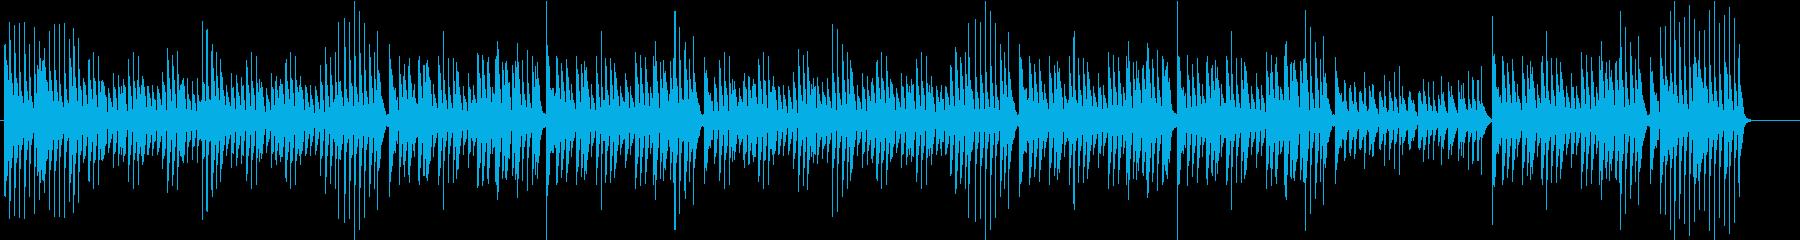 ジングルベル、古い映画風ピアノ の再生済みの波形